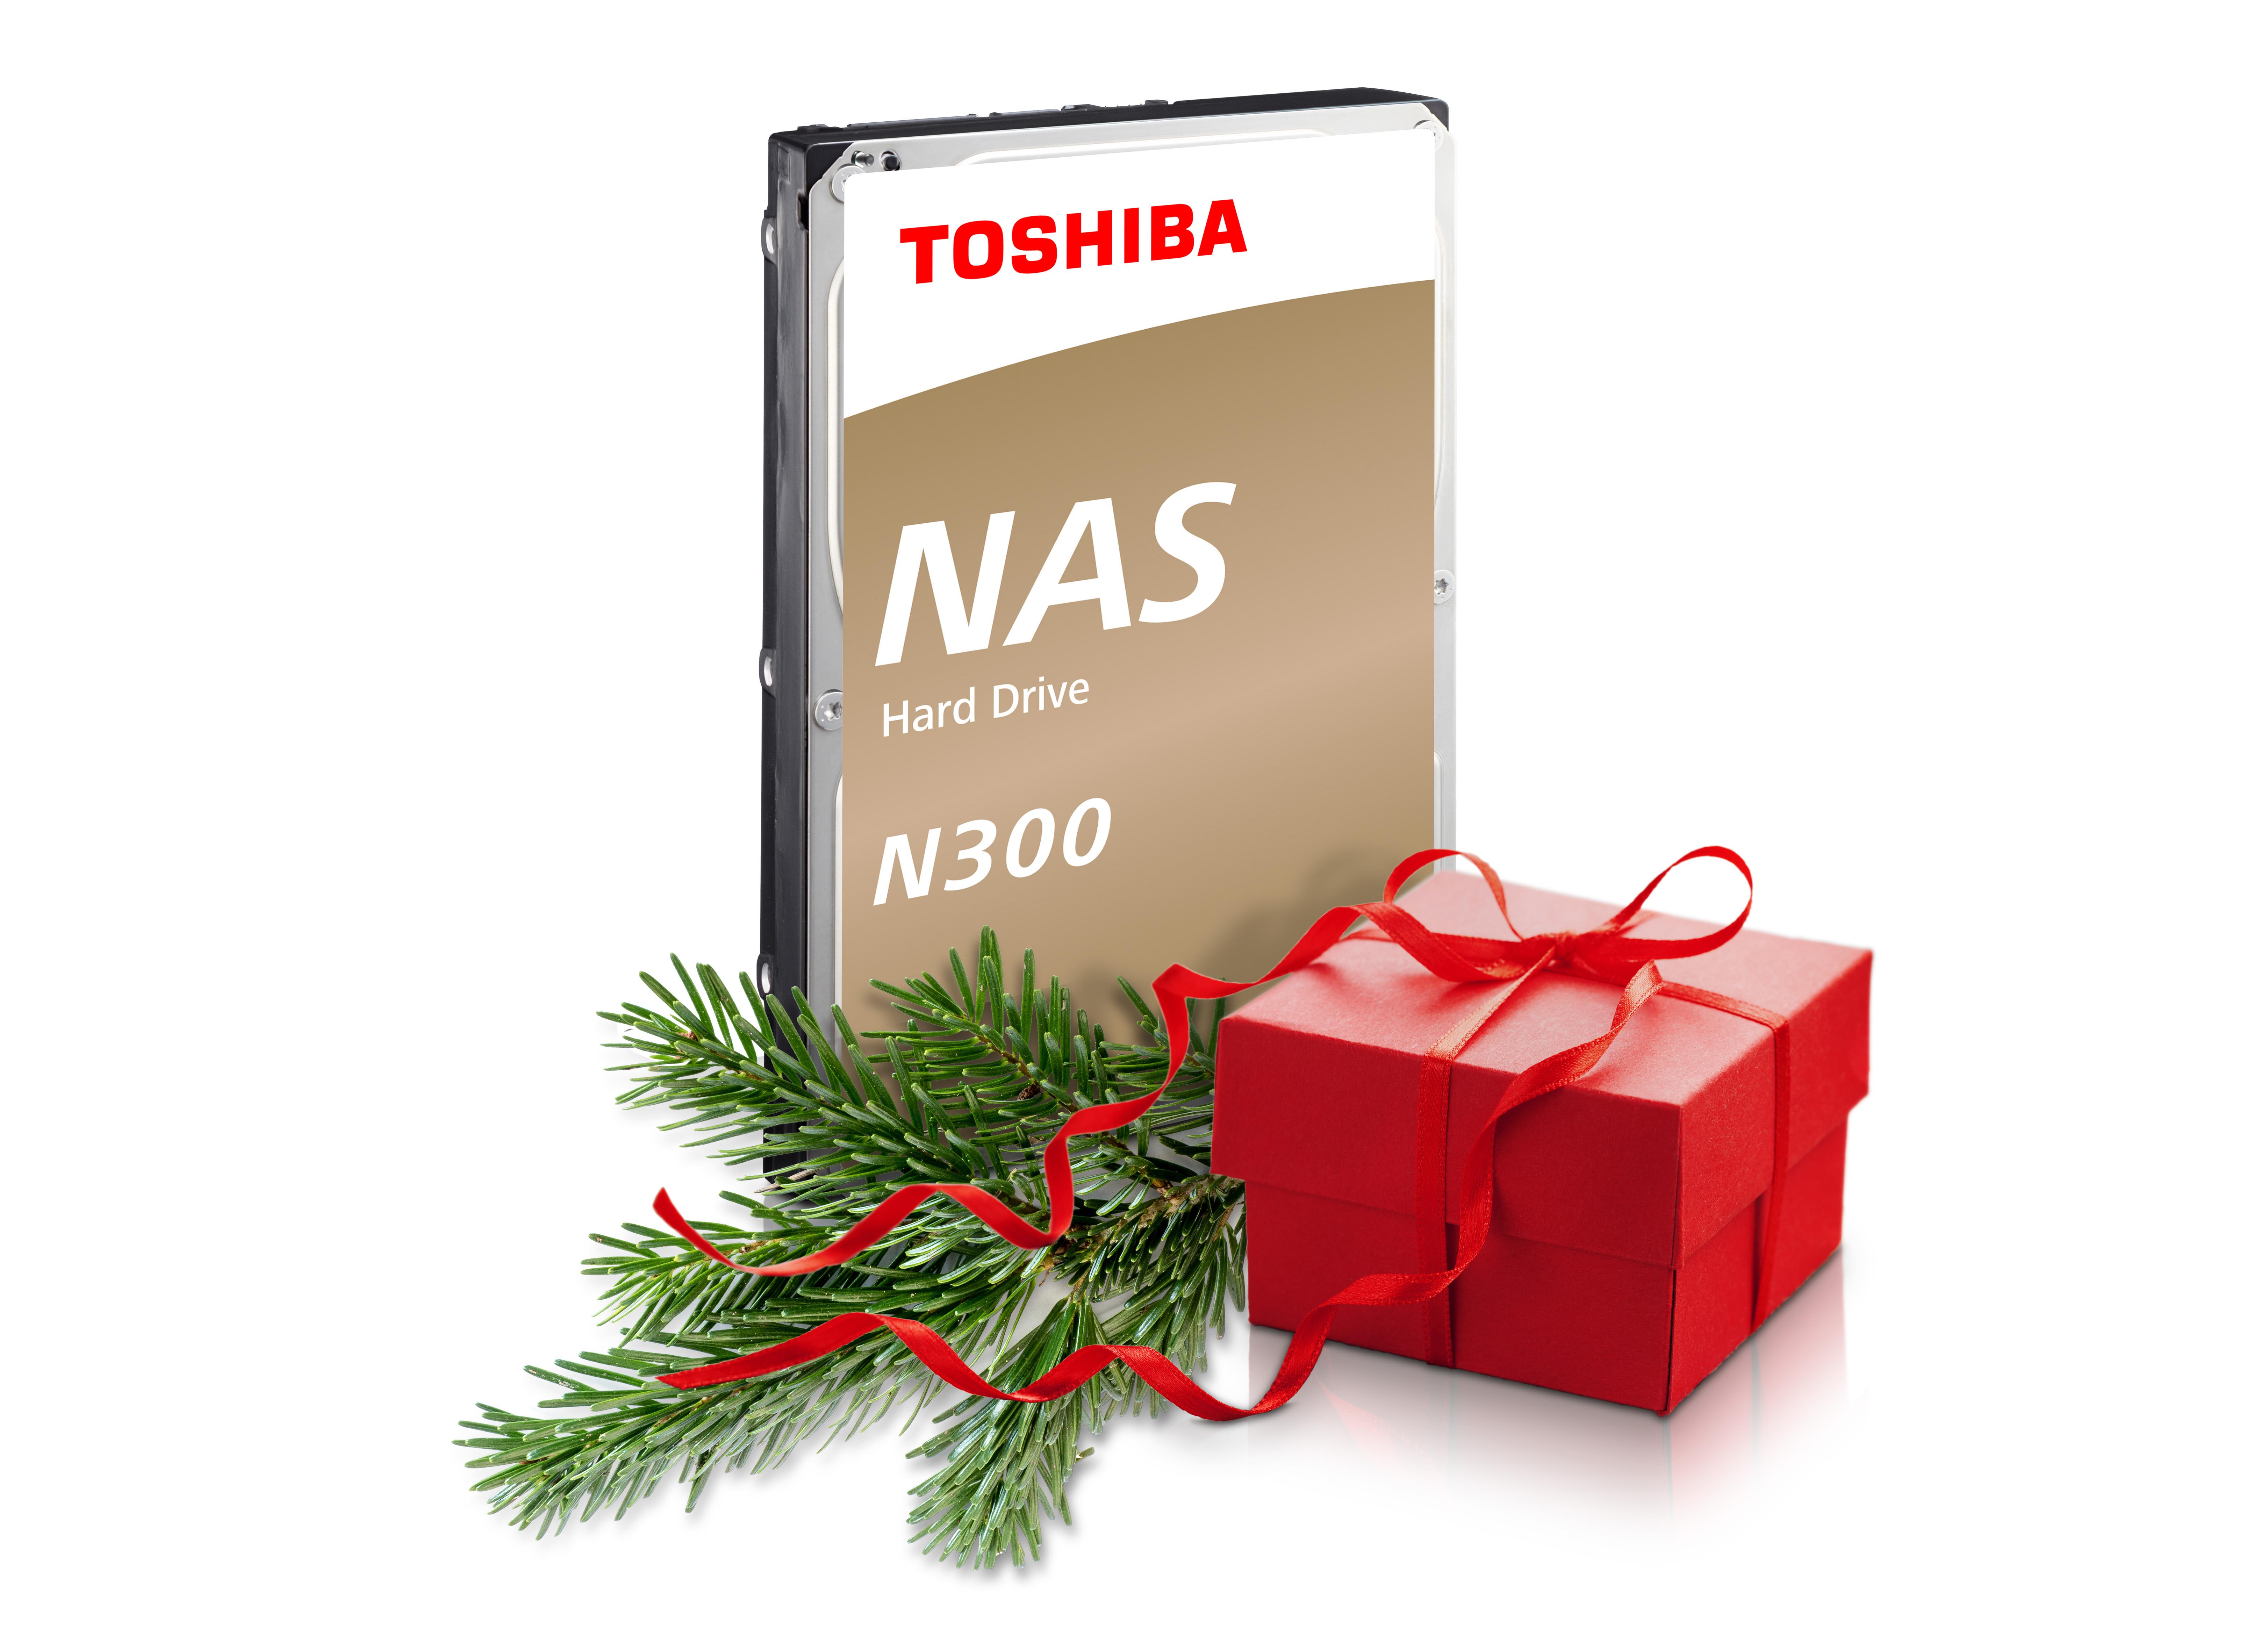 Immagini Natale Hard.Hard Disk Toshiba Sotto L Albero Di Natale Top Trade